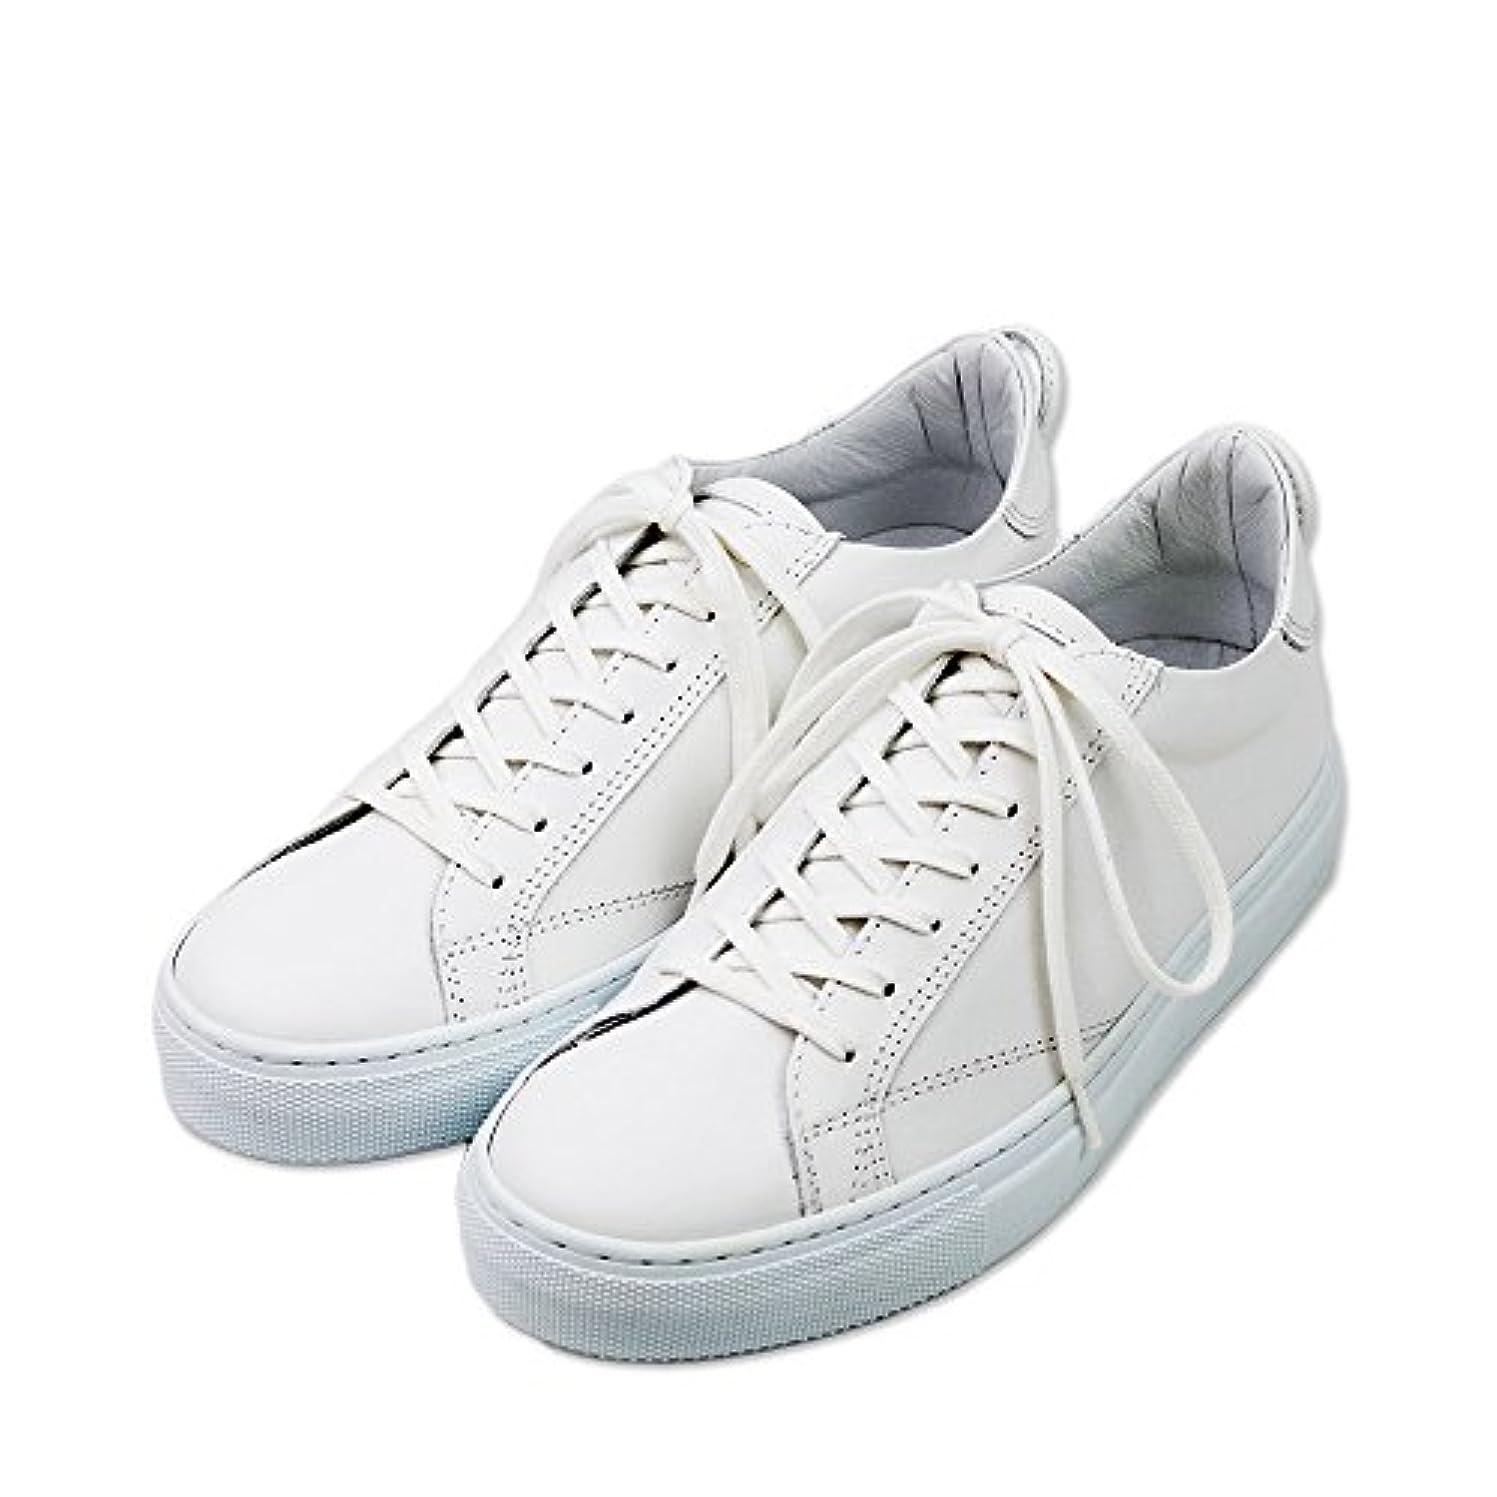 制限するビクター形【AMB エーエムビー】レザー ローカットスニーカー(9838L archy) ホワイト メンズ革靴